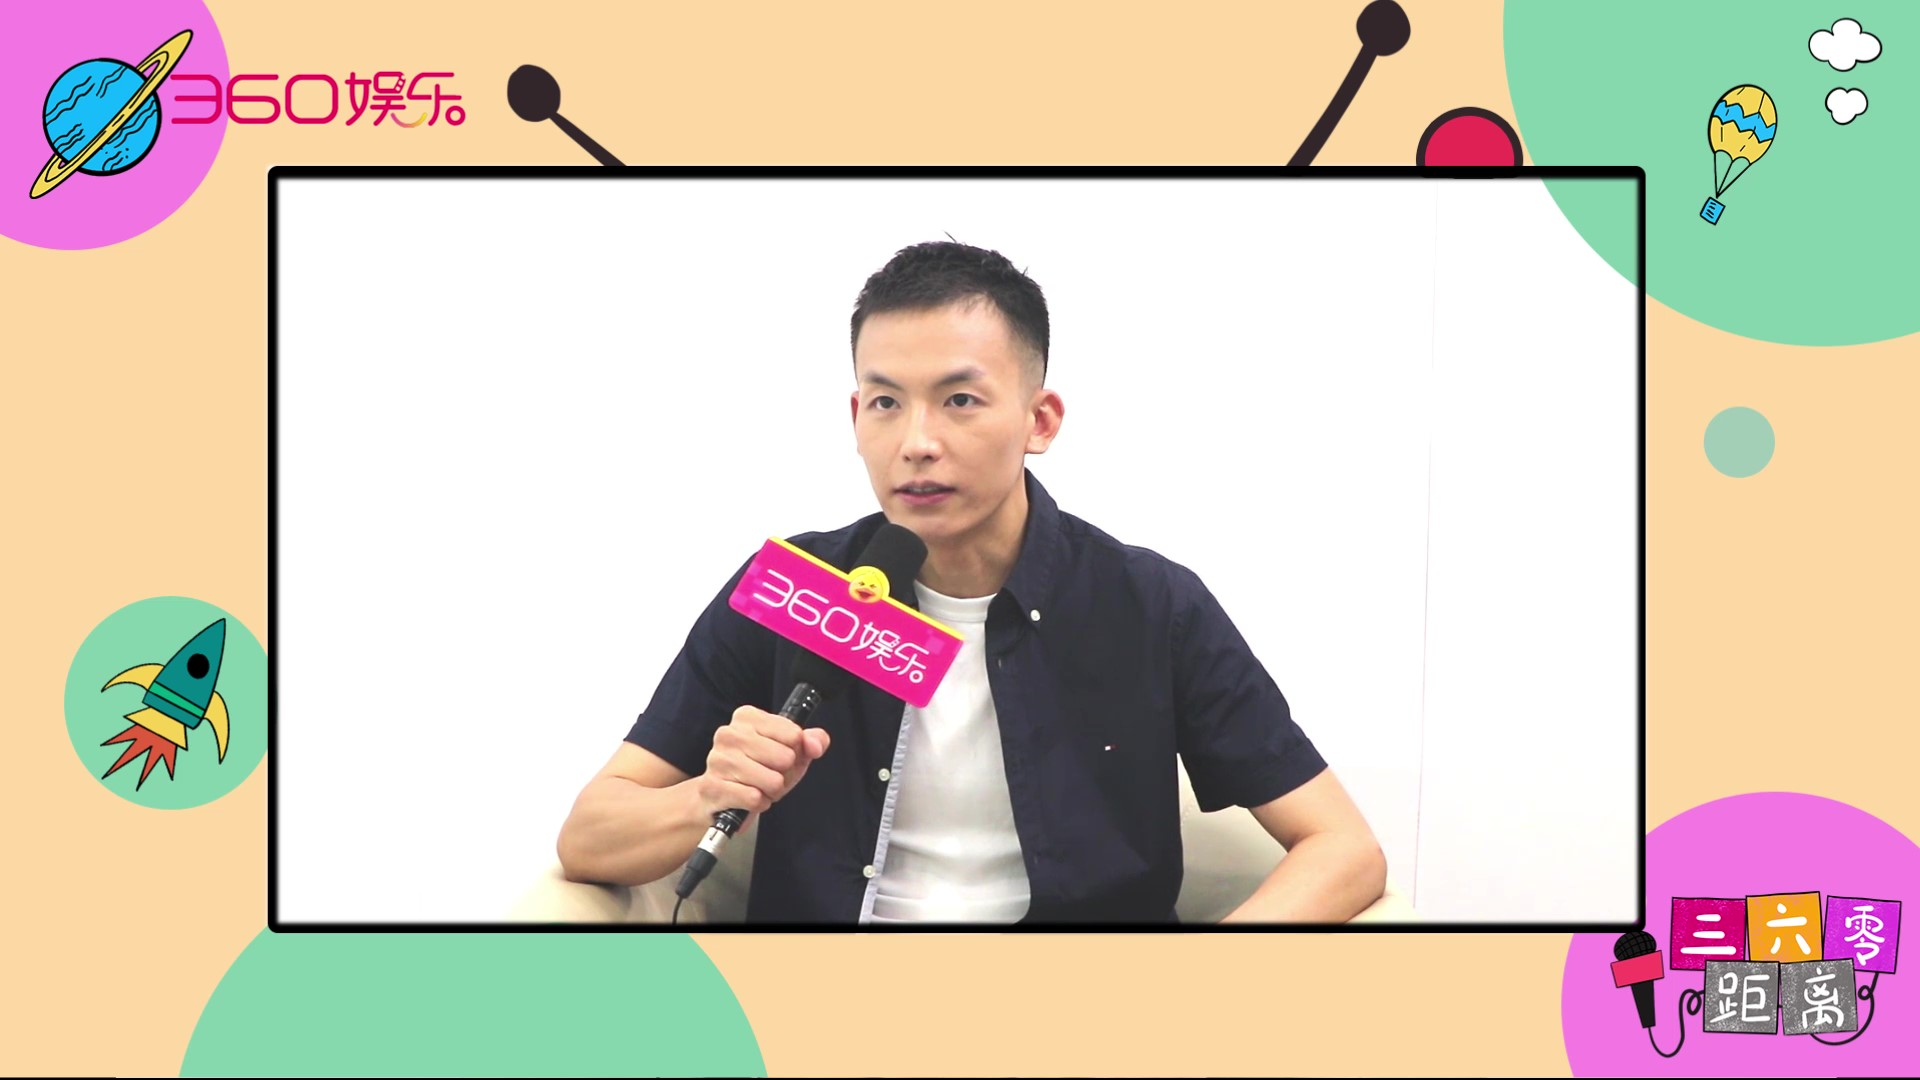 《穿越火线》刘杨:戏中电竞高手 戏外其实挺菜 拍戏多为提升自己